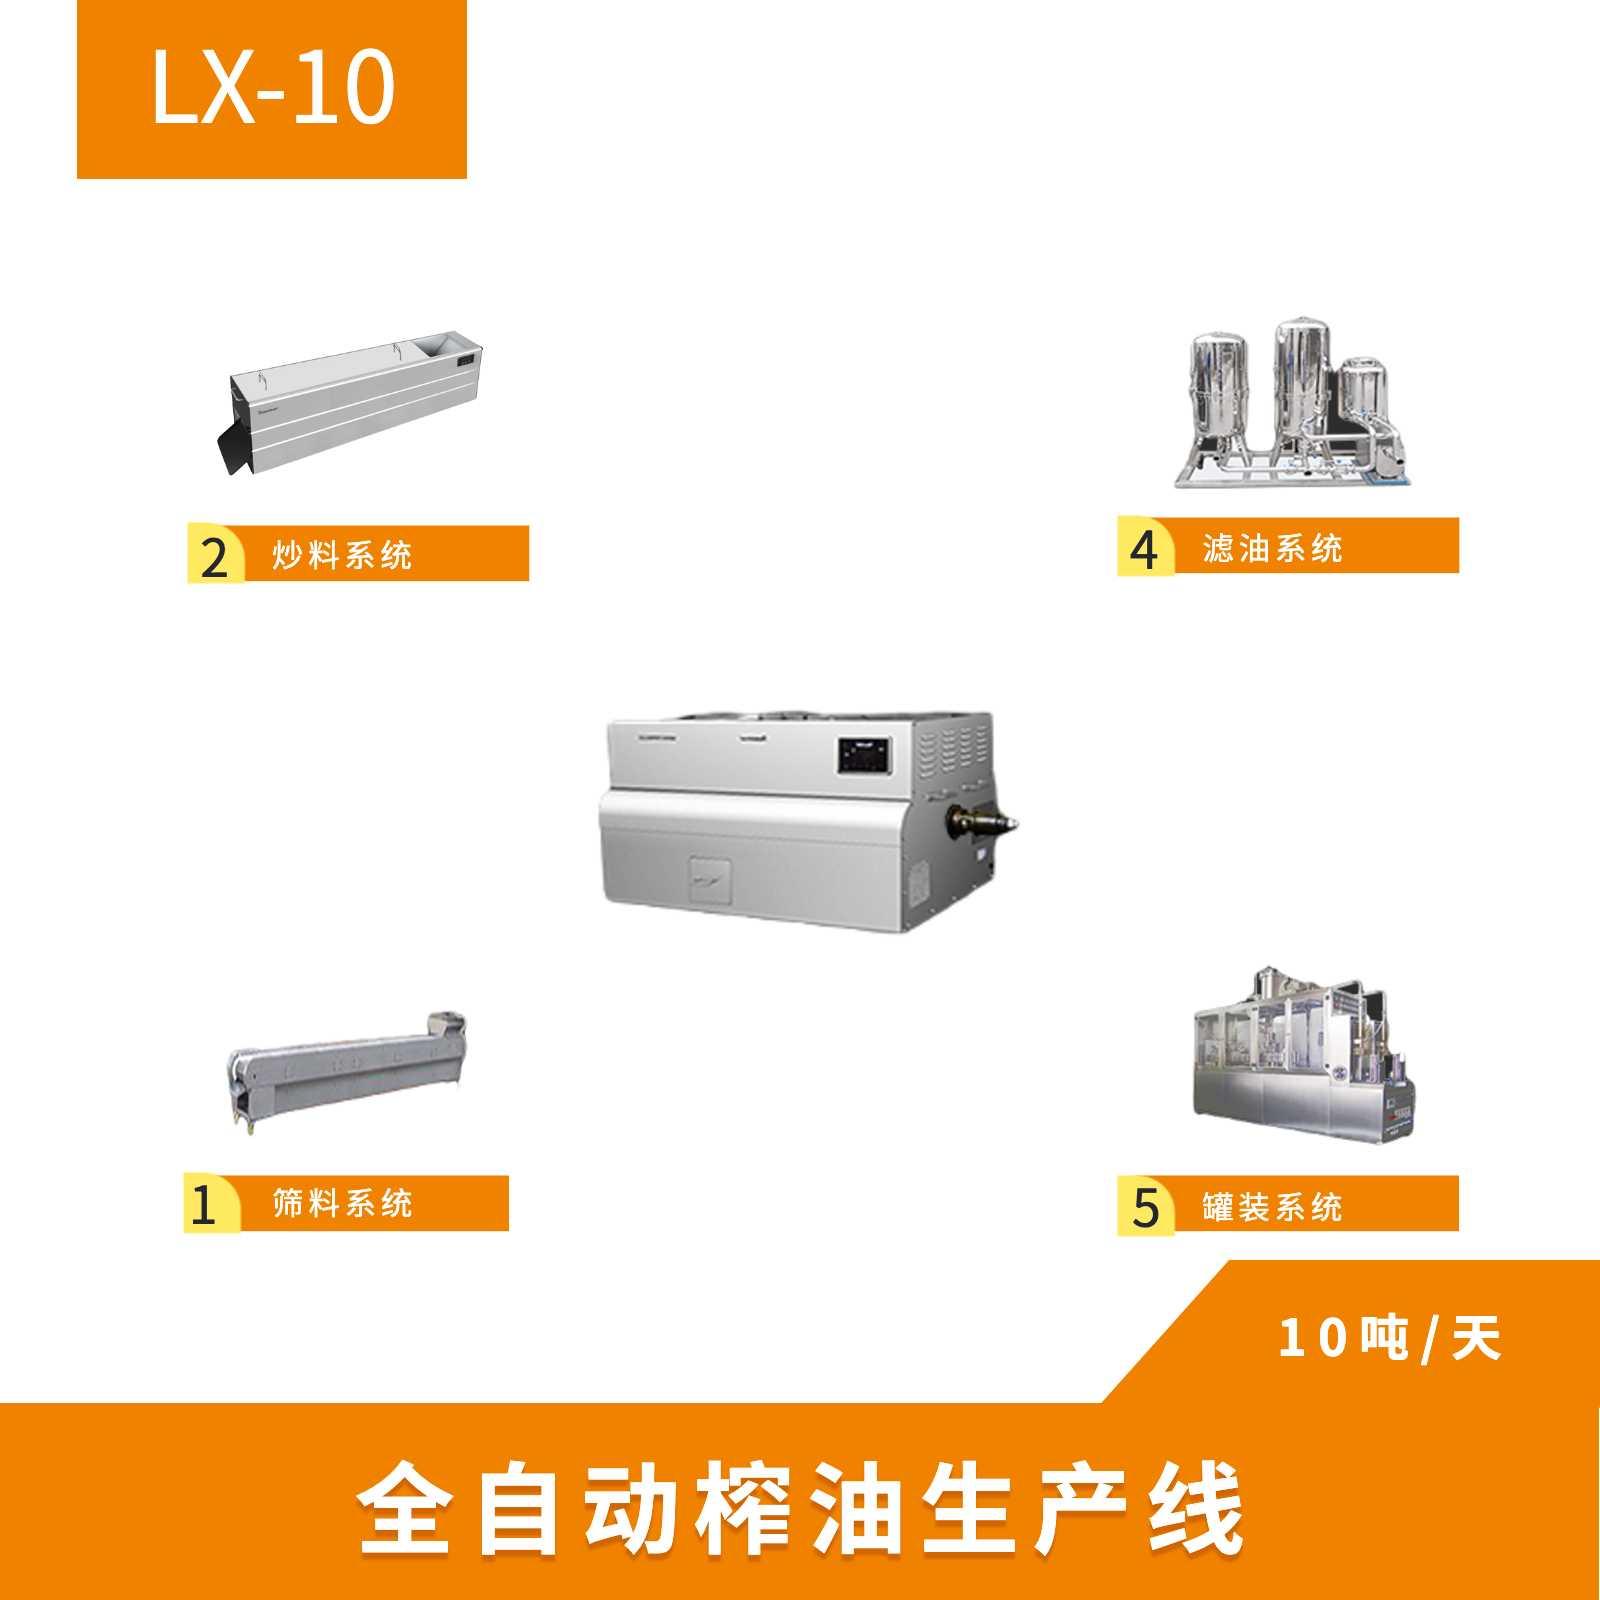 全自动智能榨油生产线 LX-10